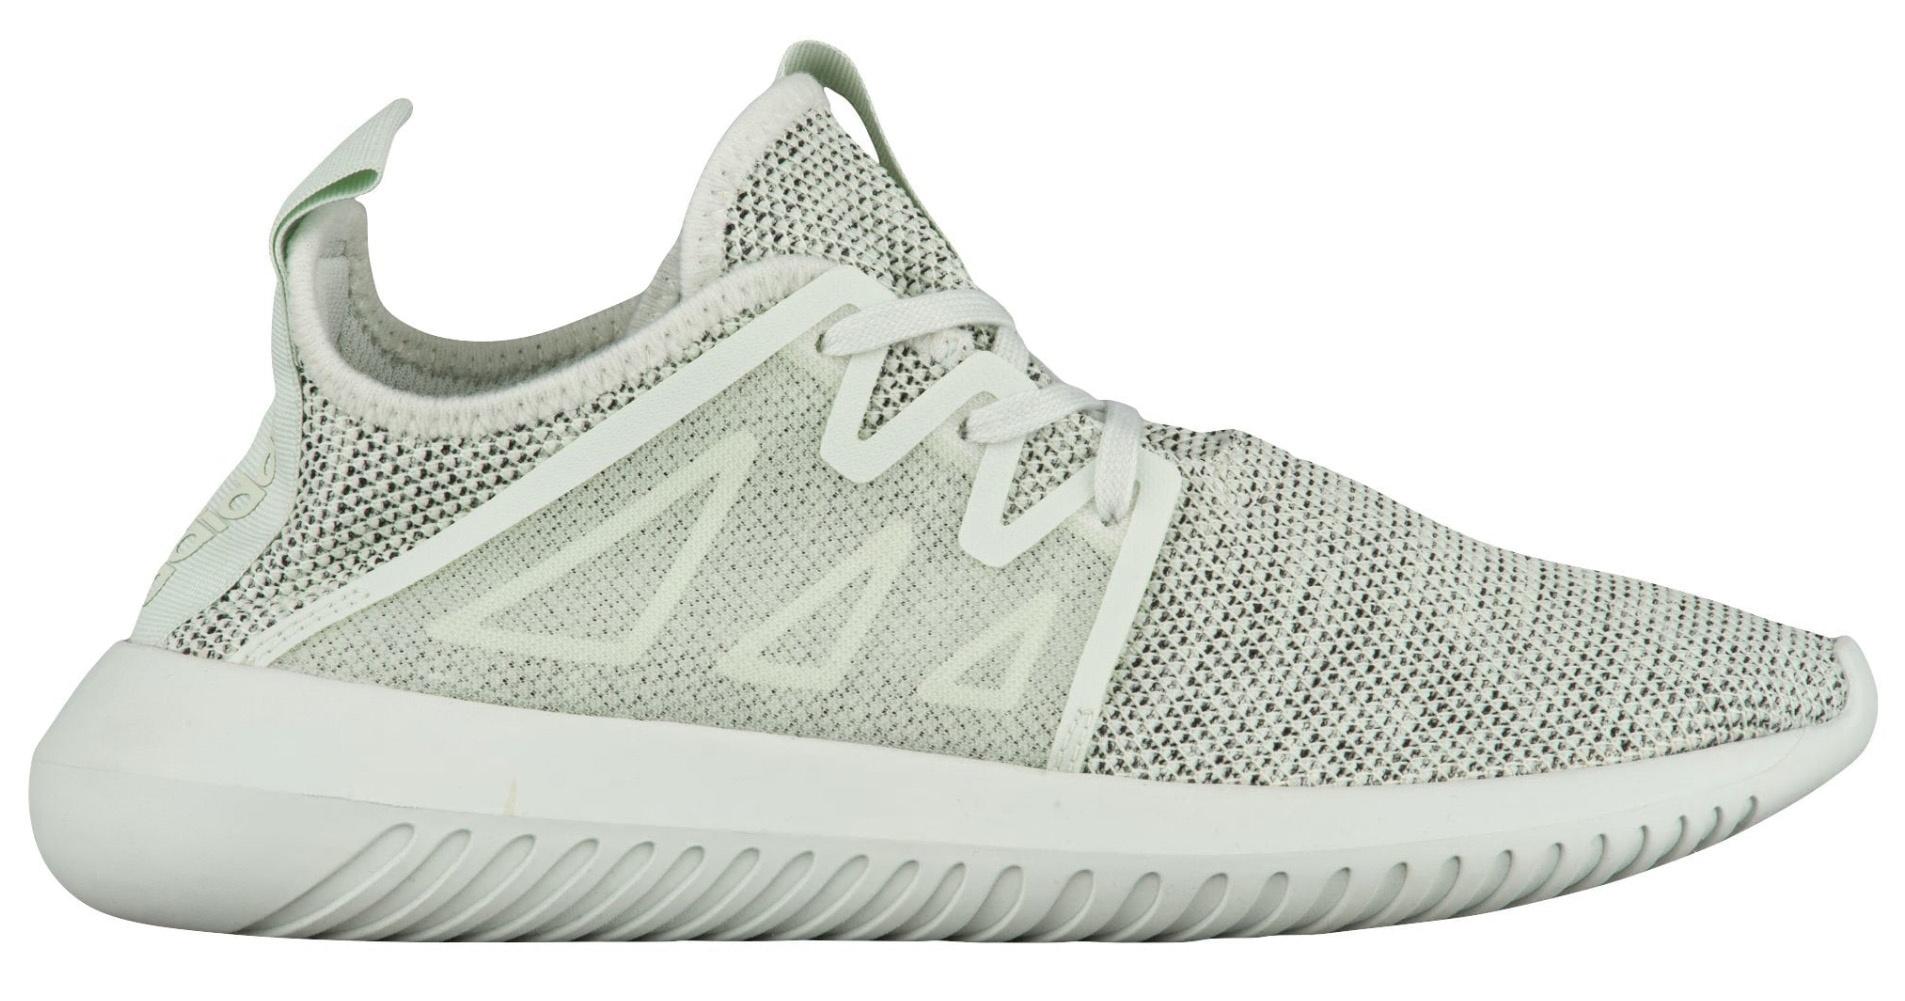 Schuhe von Adidas Tubular Shadow TWU831 Damen Im Grün Weiß